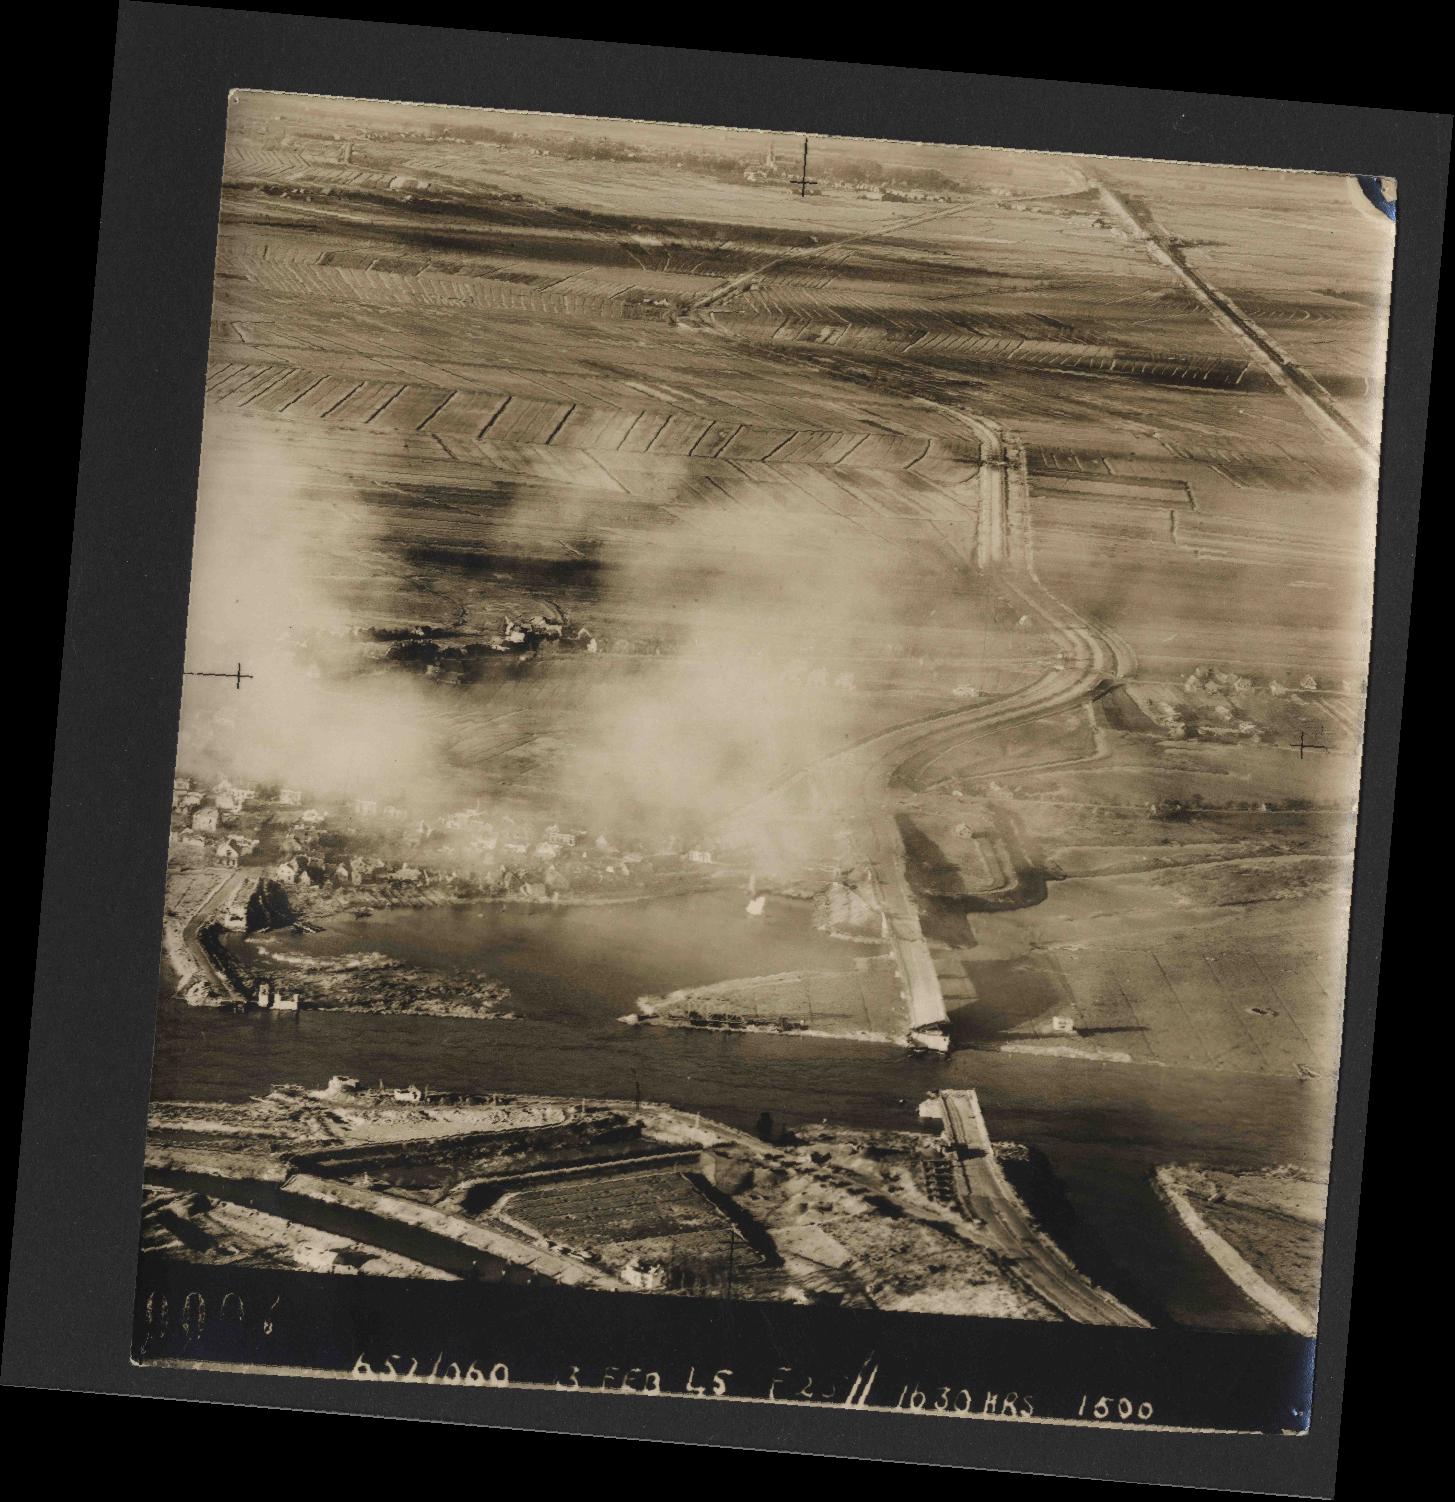 Collection RAF aerial photos 1940-1945 - flight 542, run 01, photo 0007